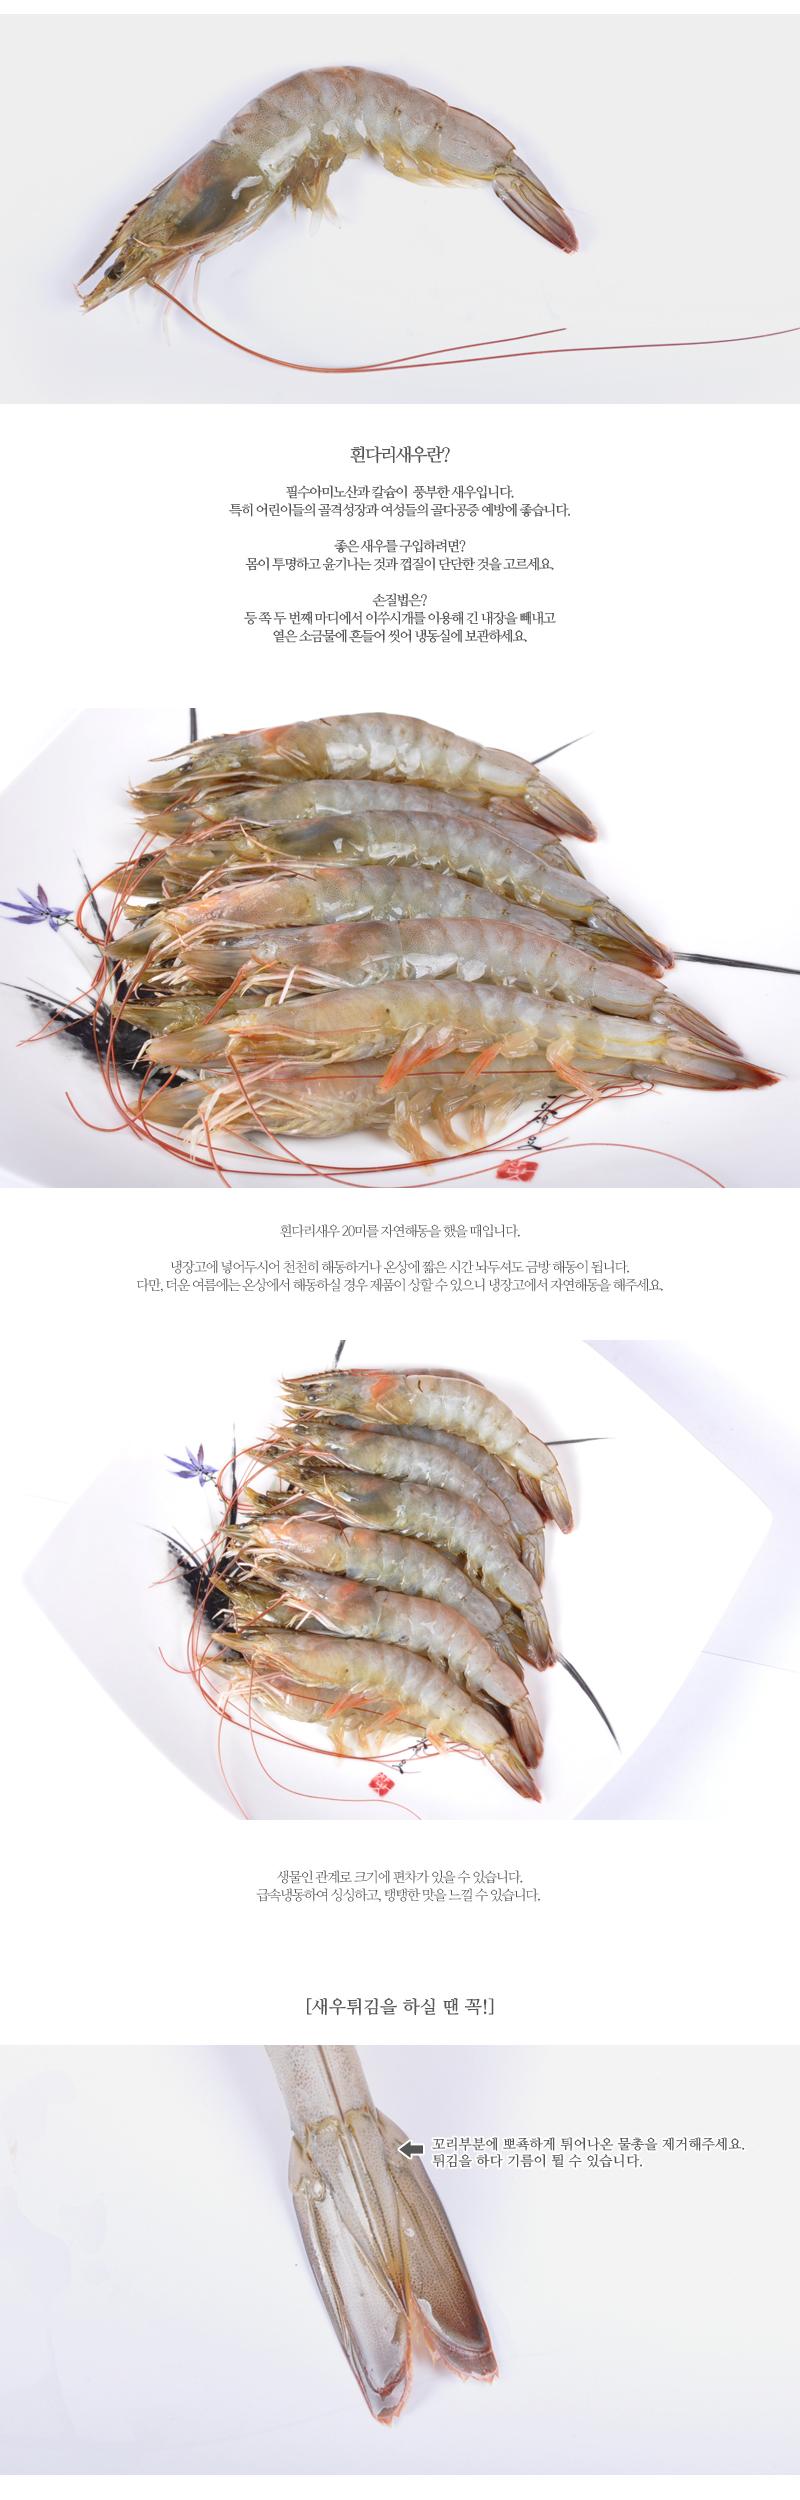 shrimp_02_01.jpg